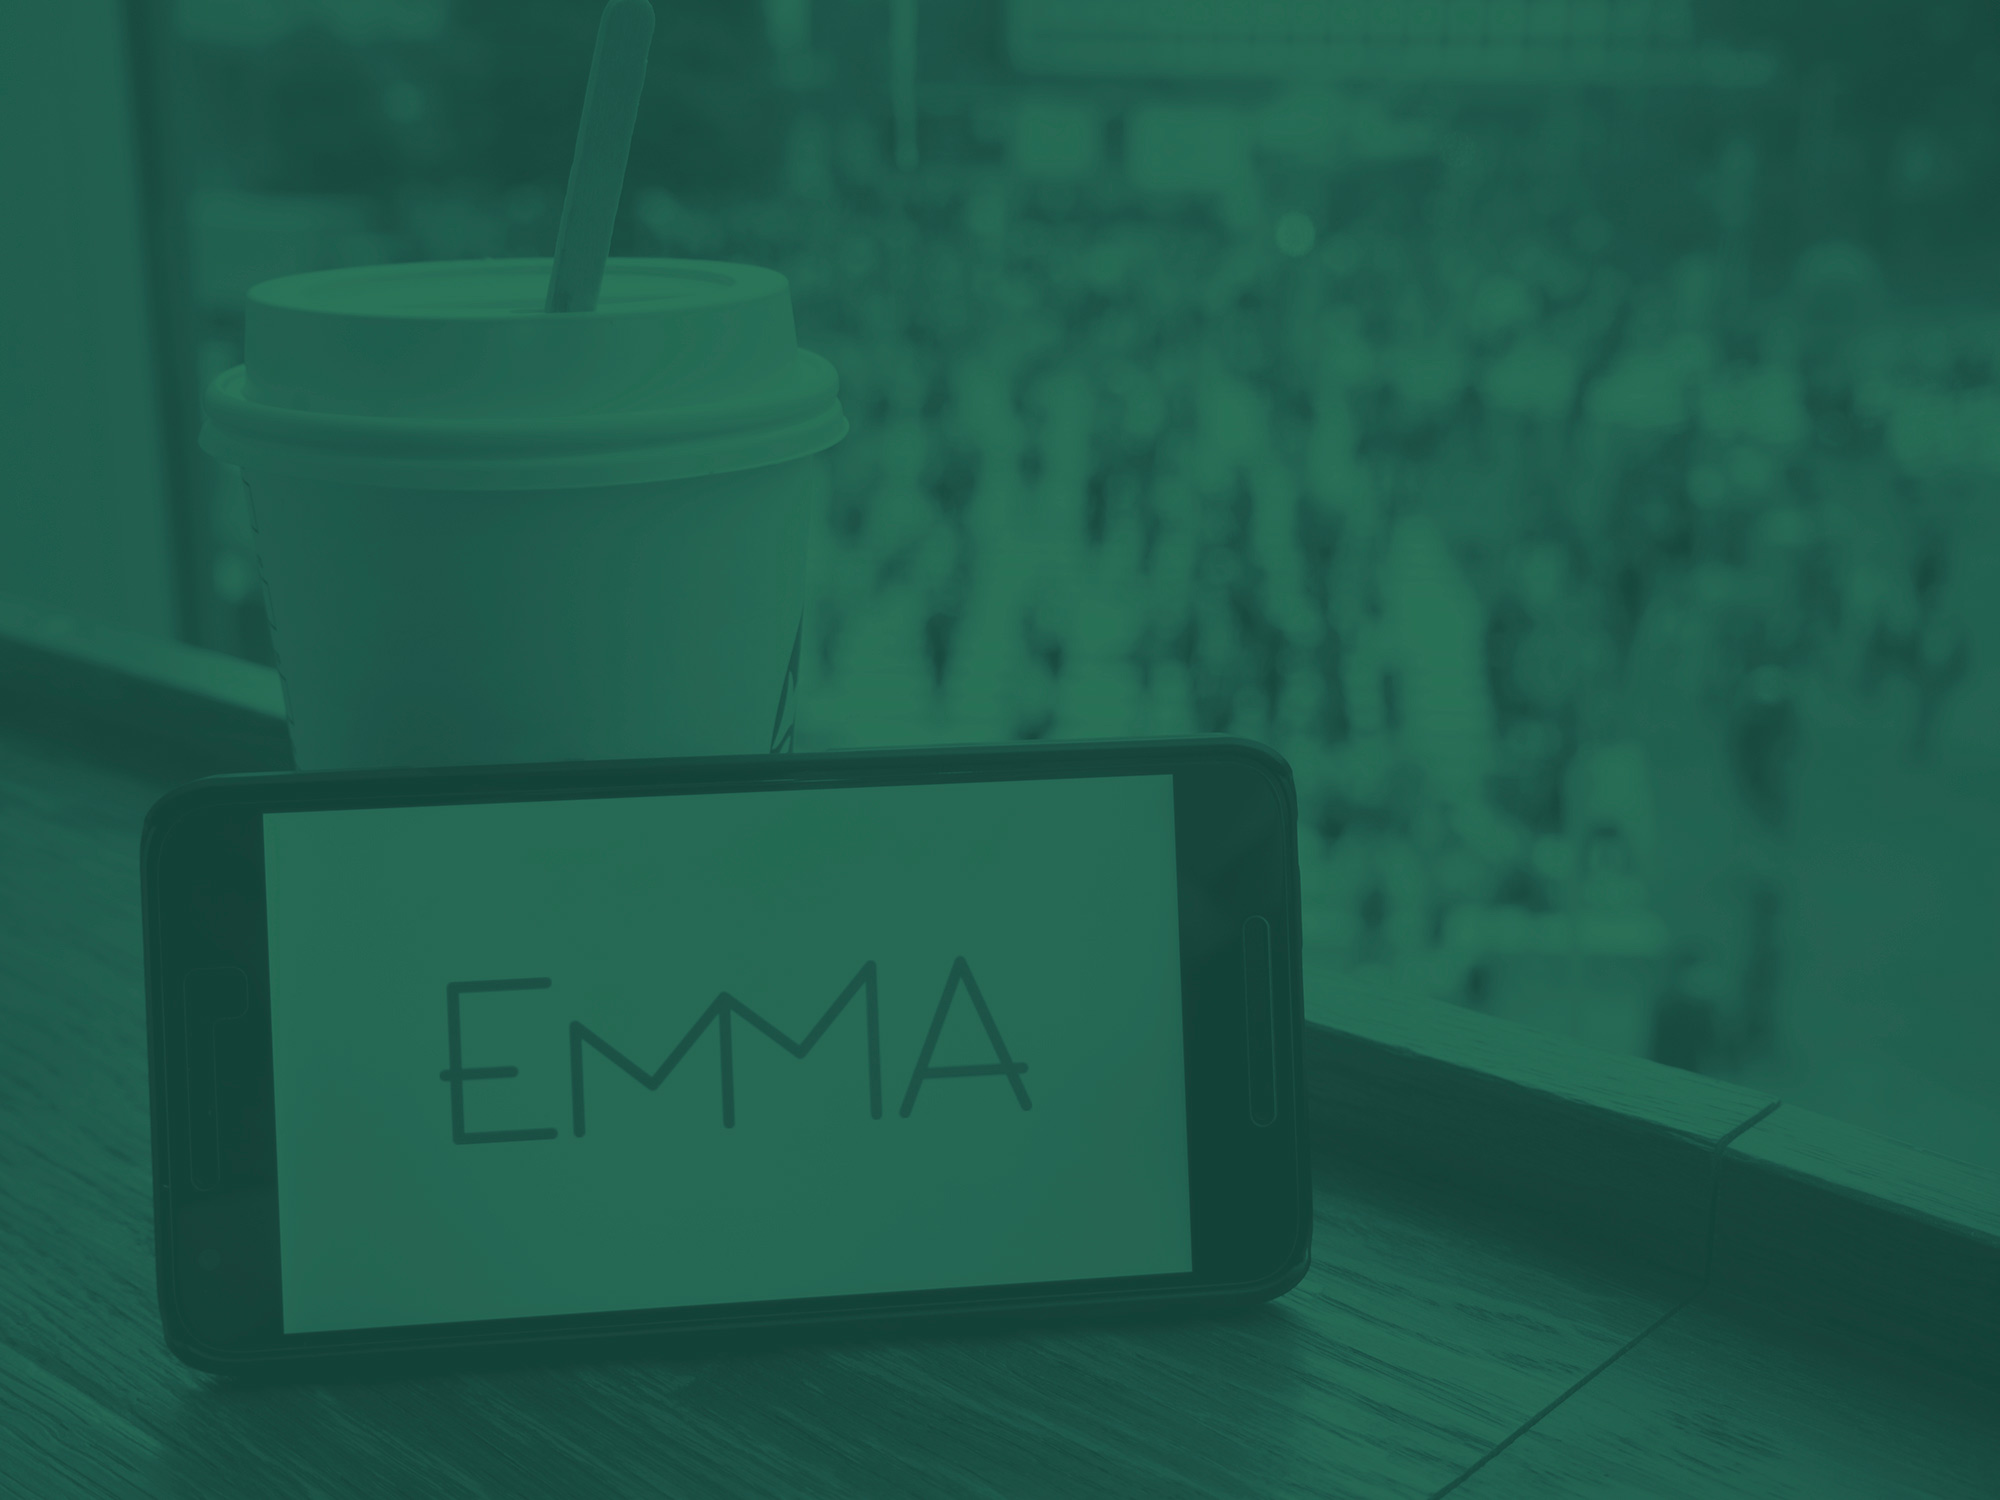 EMMA, 2 años después.